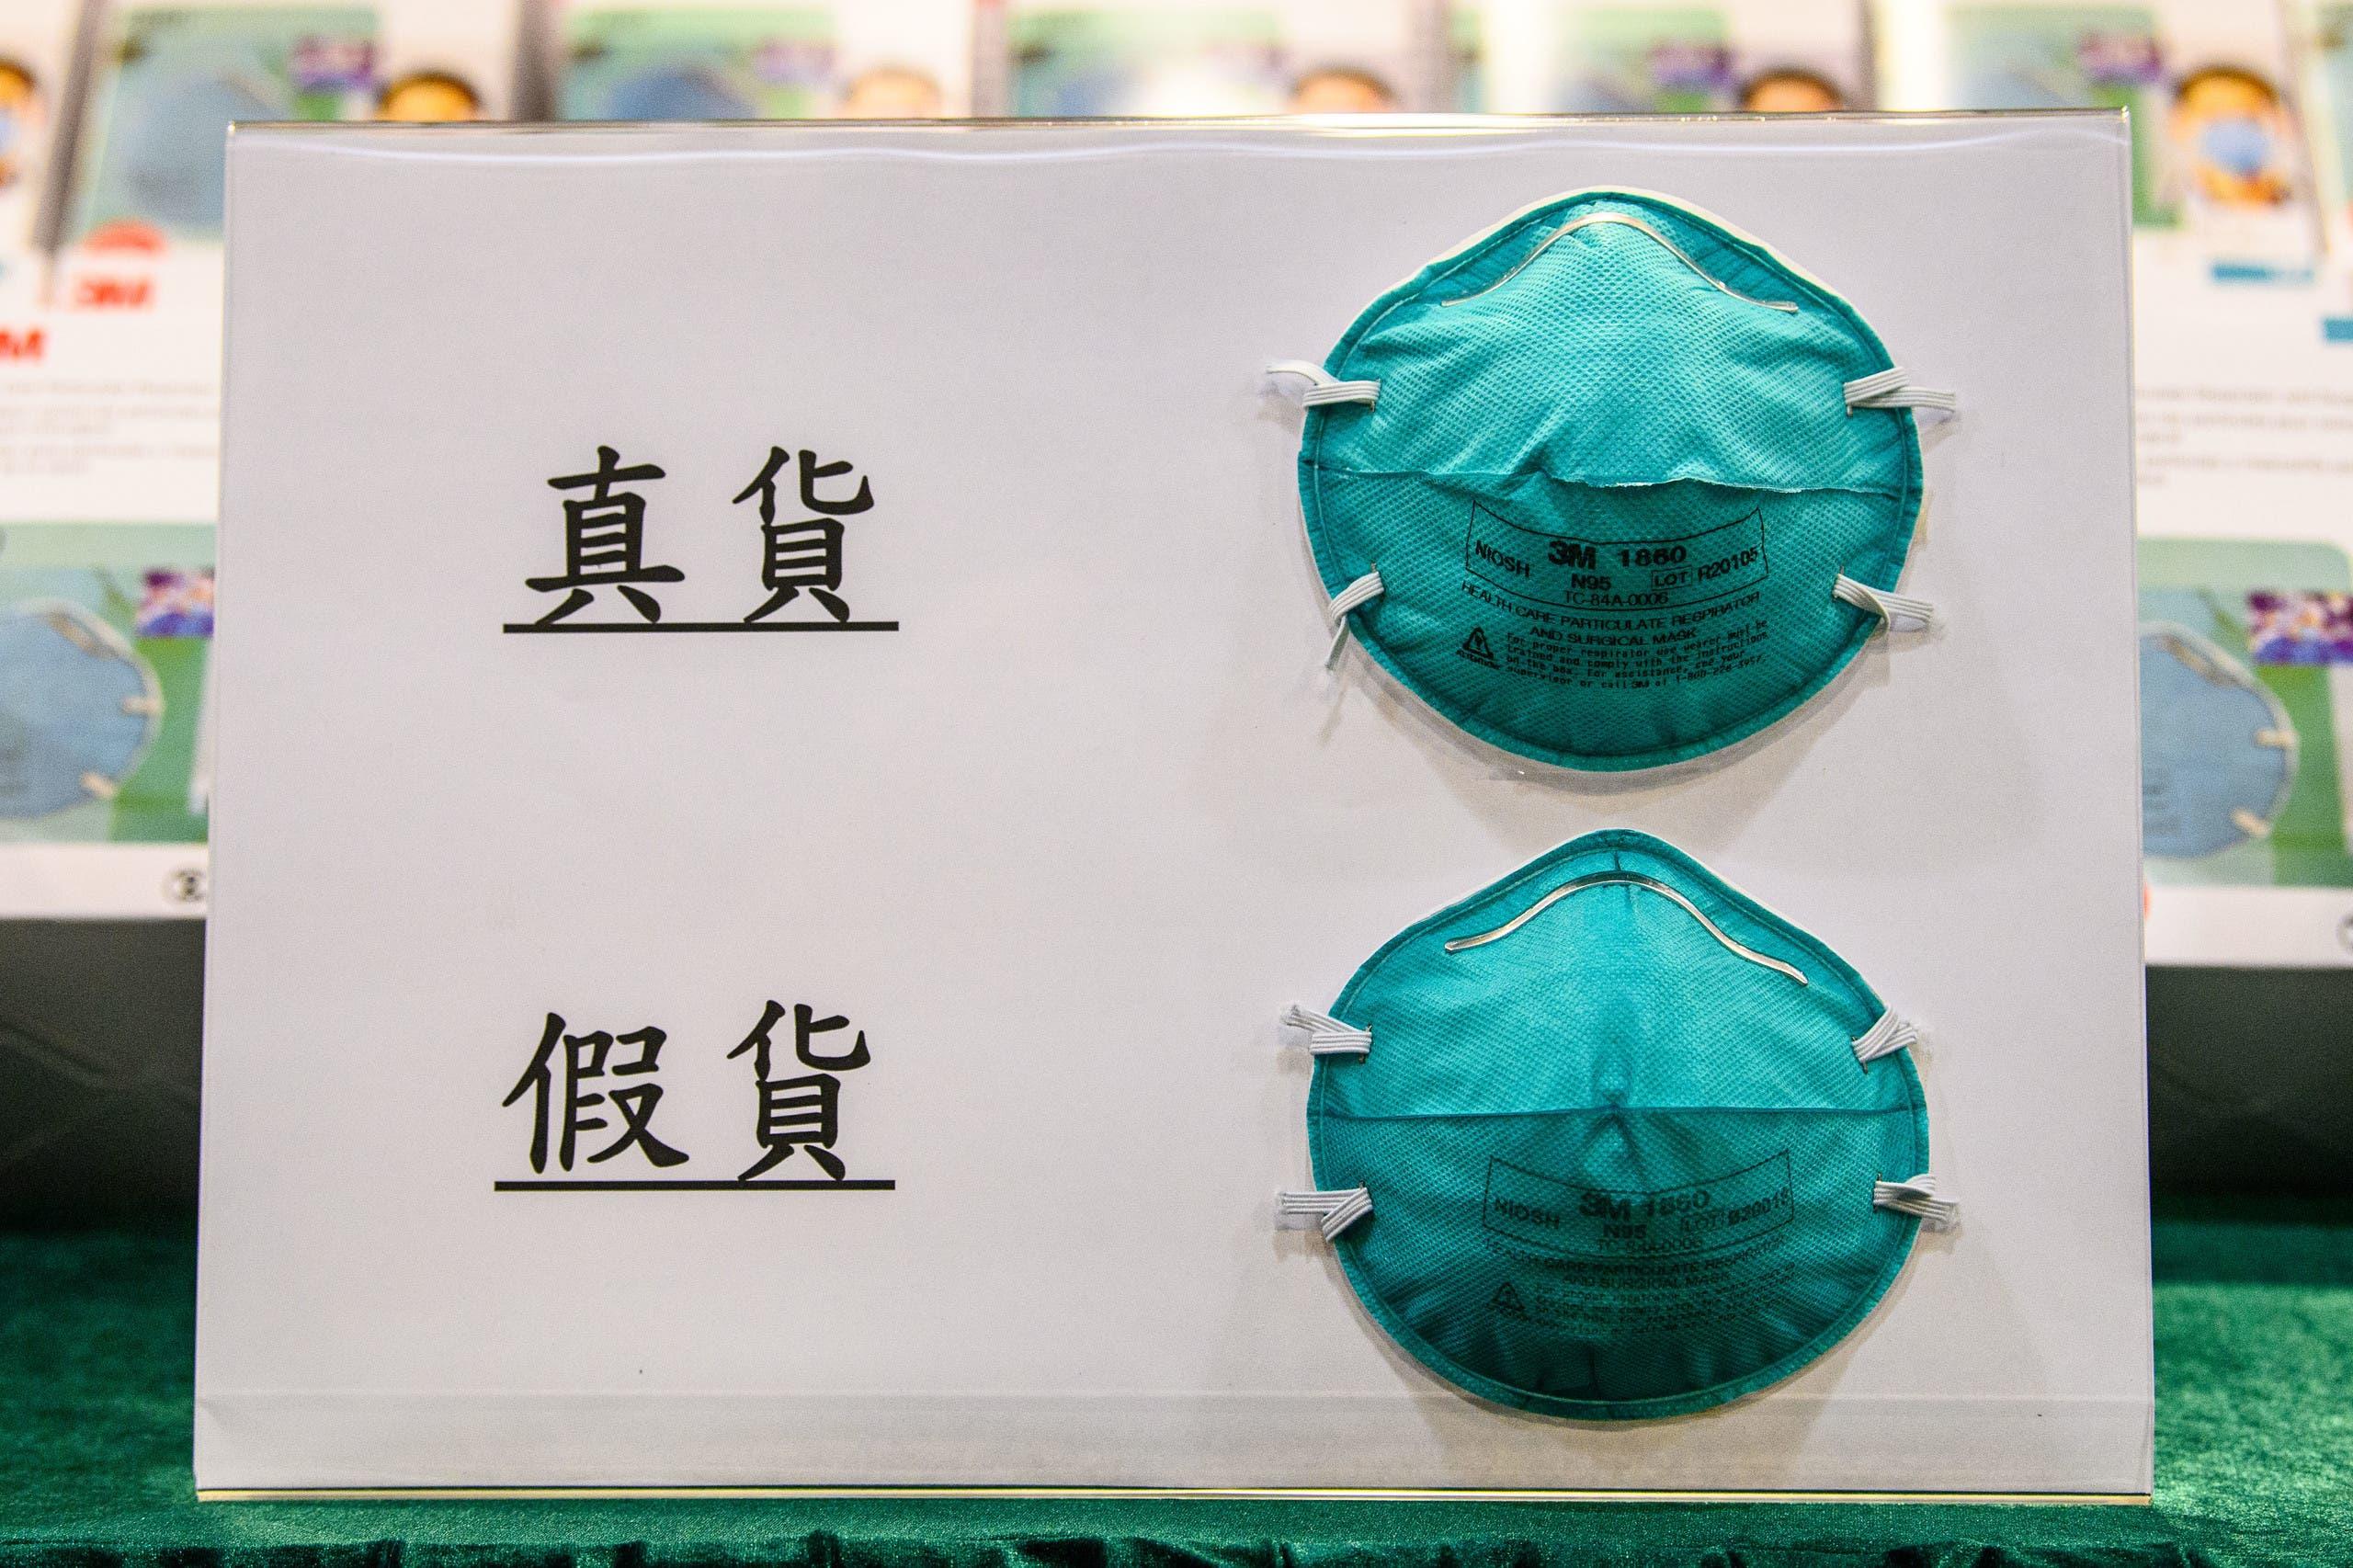 Face masks displayed at a Hong Kong press conference. (AFP)